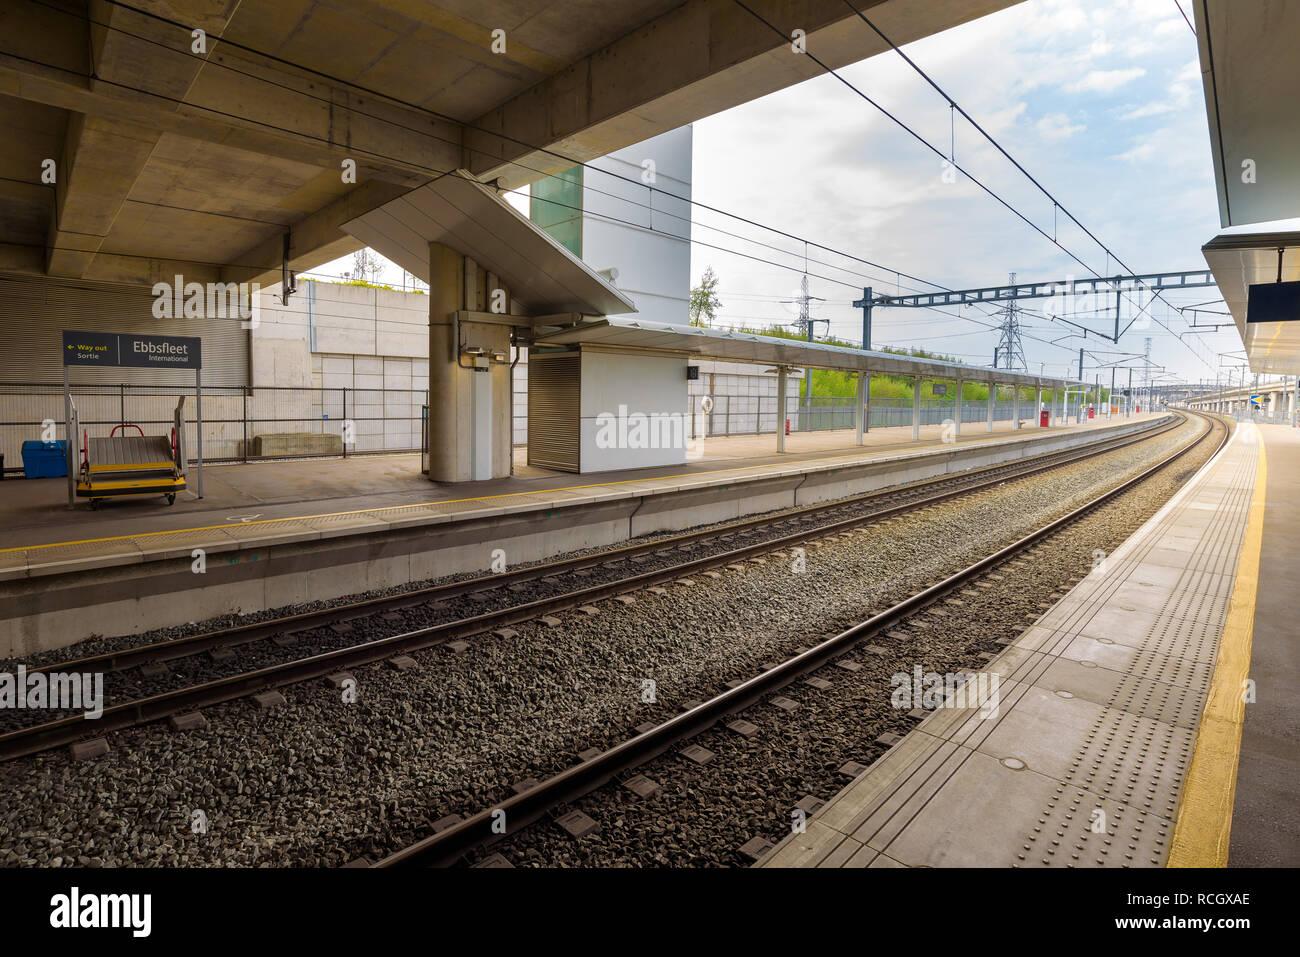 Bahnhof Ebbsfleet International Mit Dem Eurostar Und South